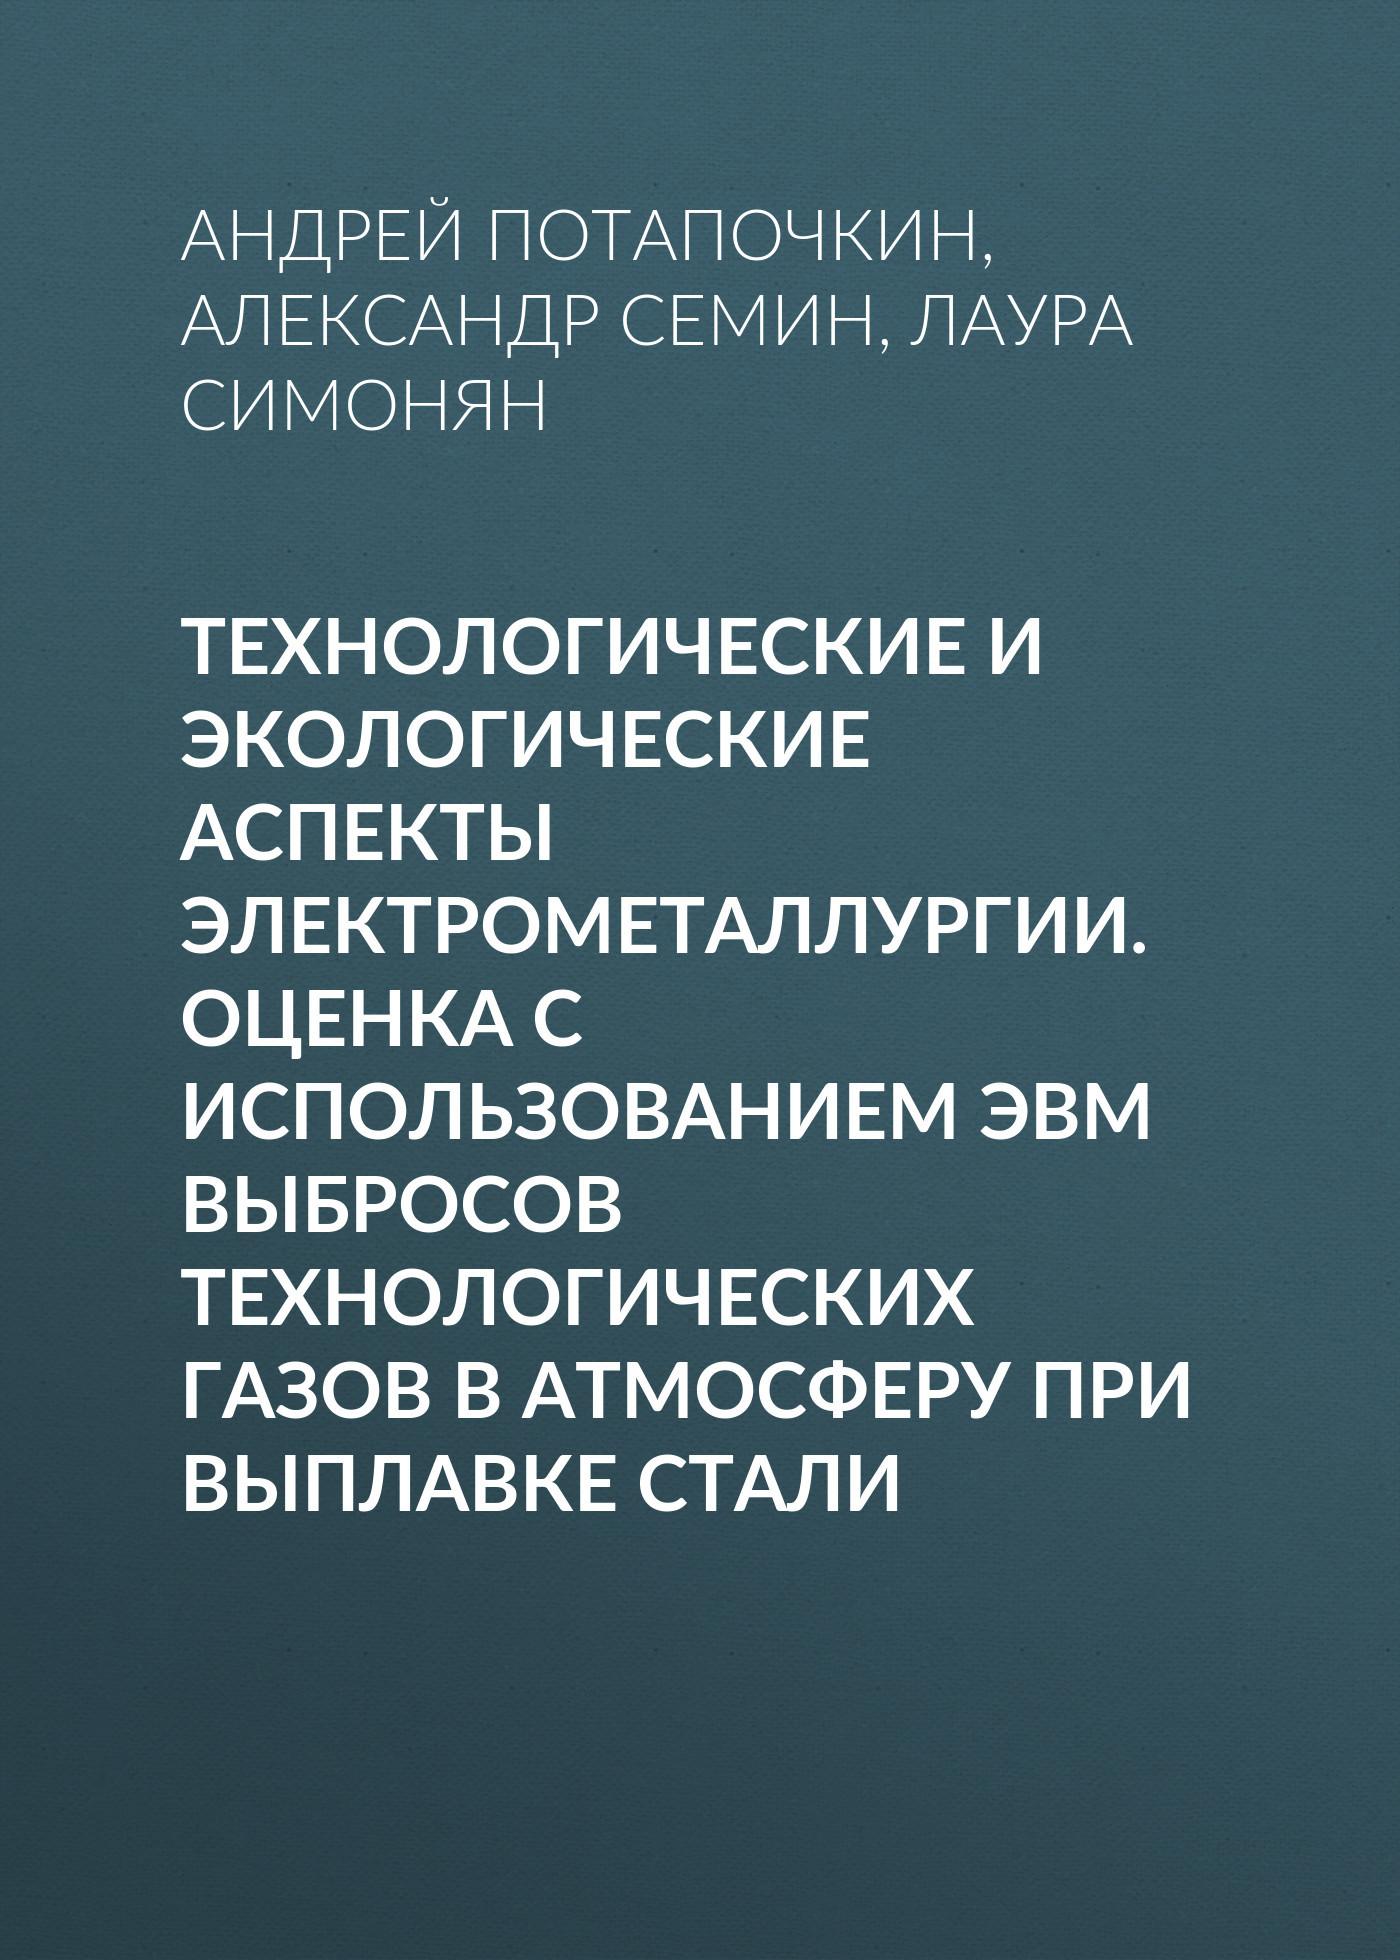 Лаура Симонян Технологические и экологические аспекты электрометаллургии. Оценка с использованием ЭВМ выбросов технологических газов в атмосферу при выплавке стали